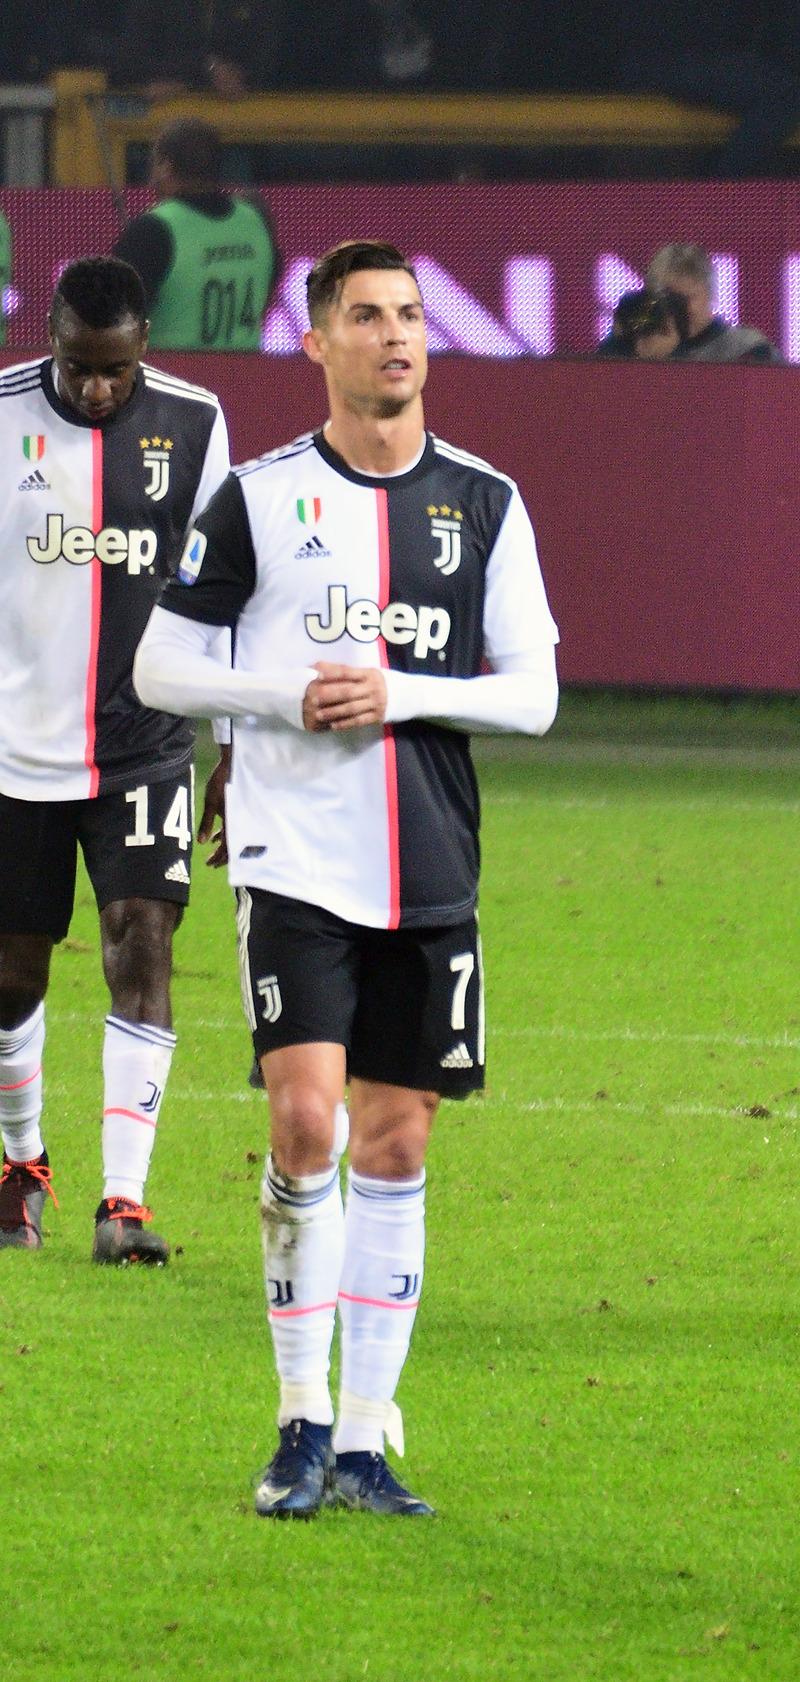 2019-20_Serie_A_-_Torino_v_Juventus_-_Cristiano_Ronaldo